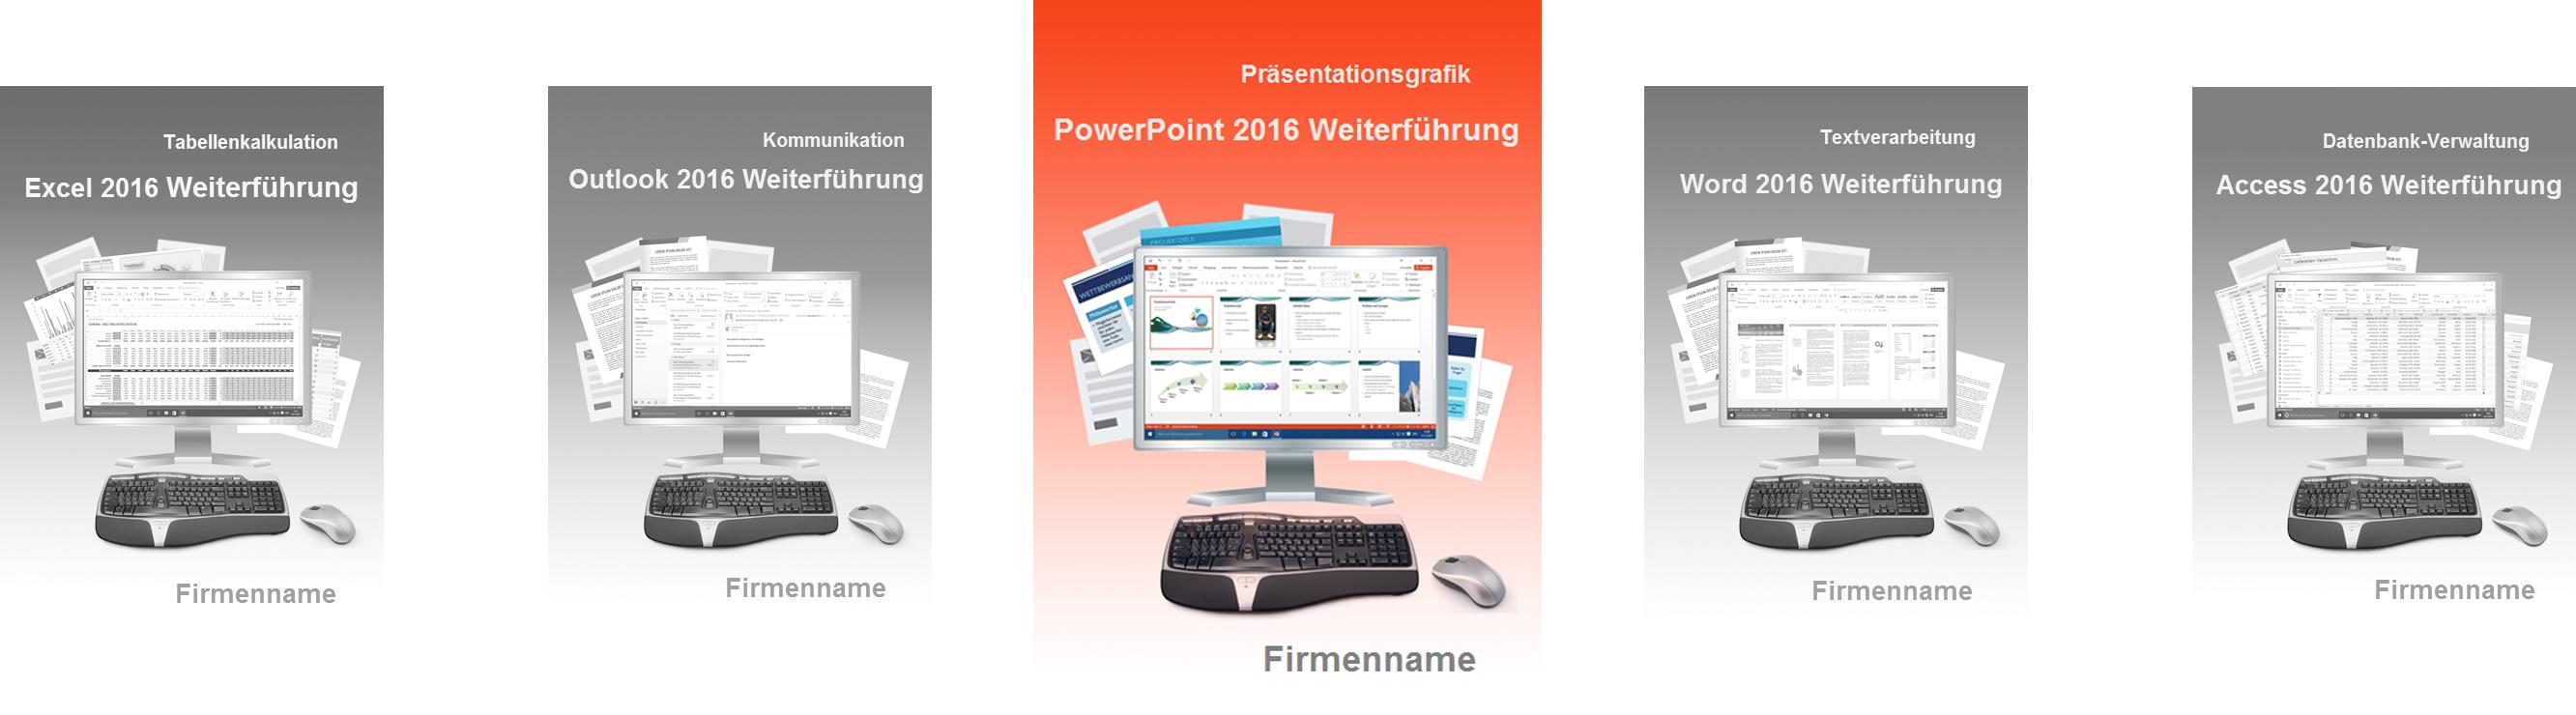 Schulungsunterlage PowerPoint 2016 Weiterführung Slideshow